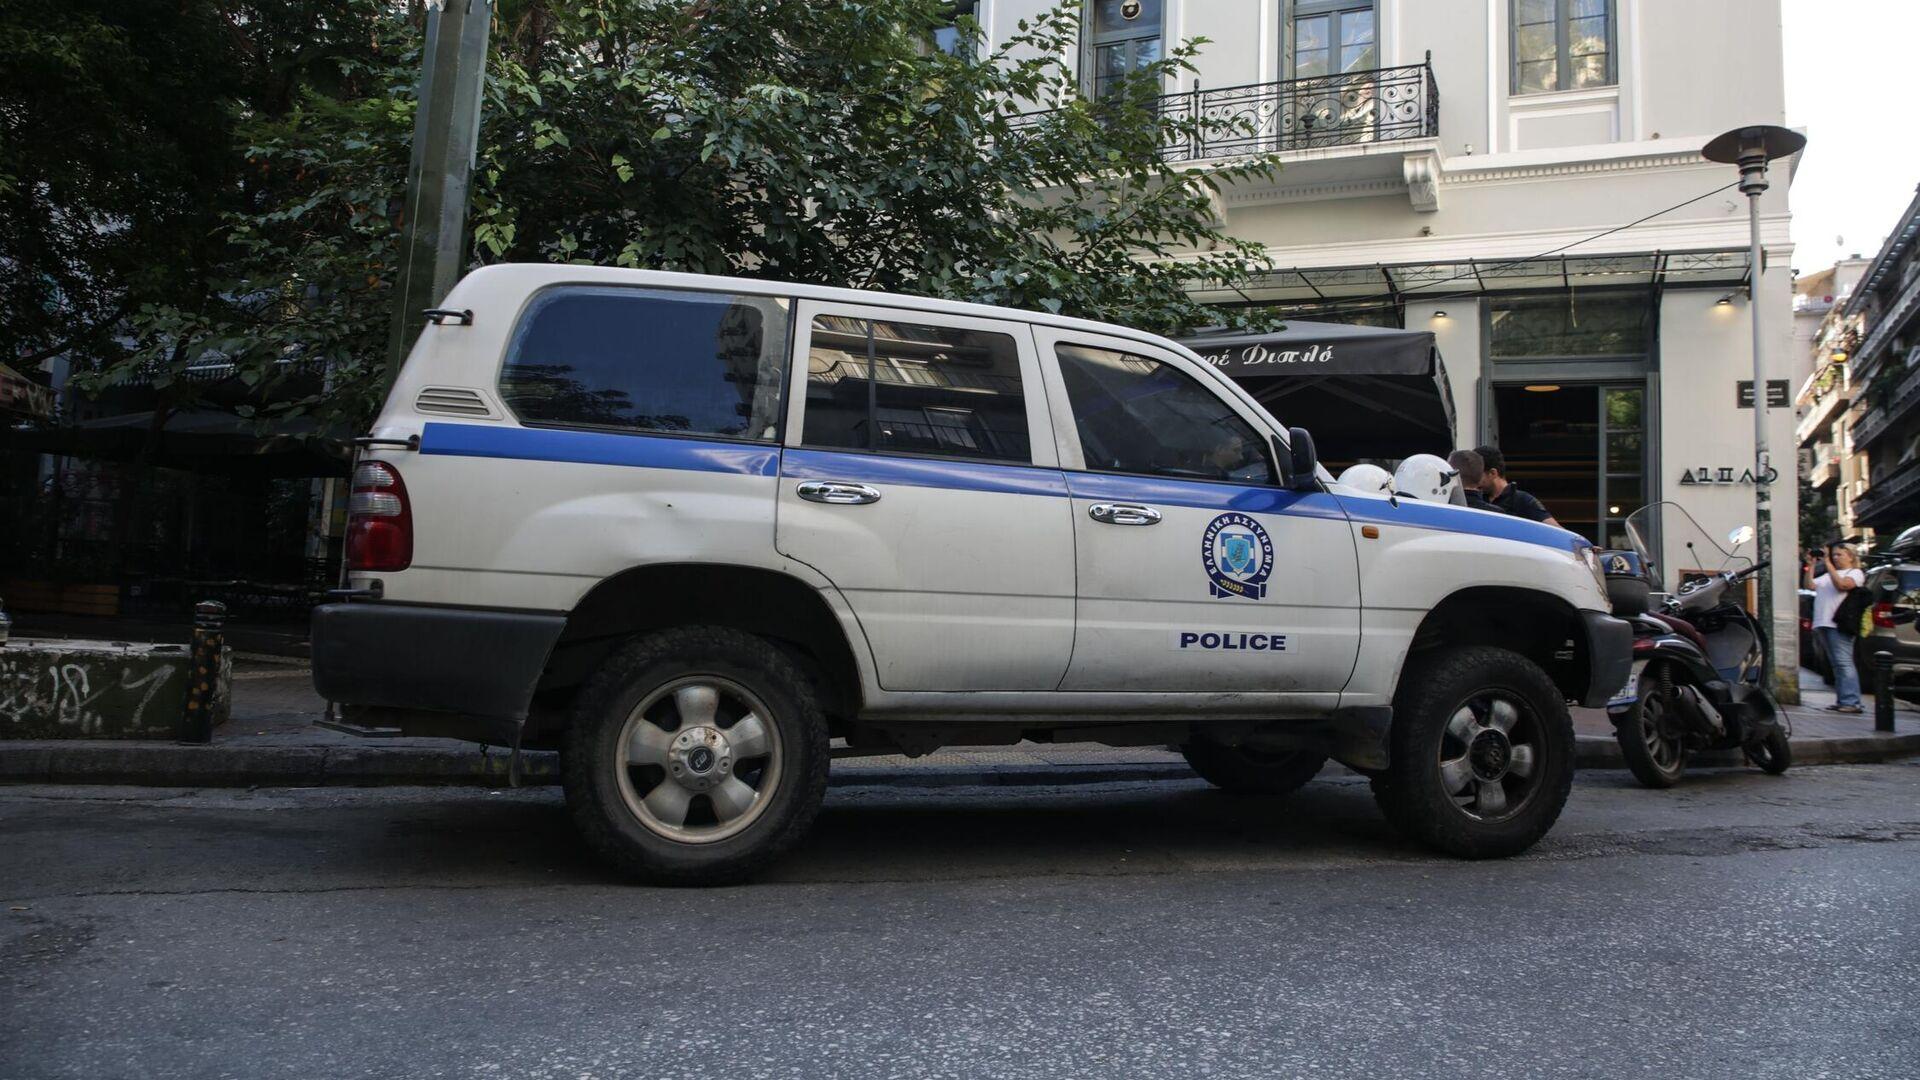 Επιχείρηση της αστυνομίας - Sputnik Ελλάδα, 1920, 06.09.2021